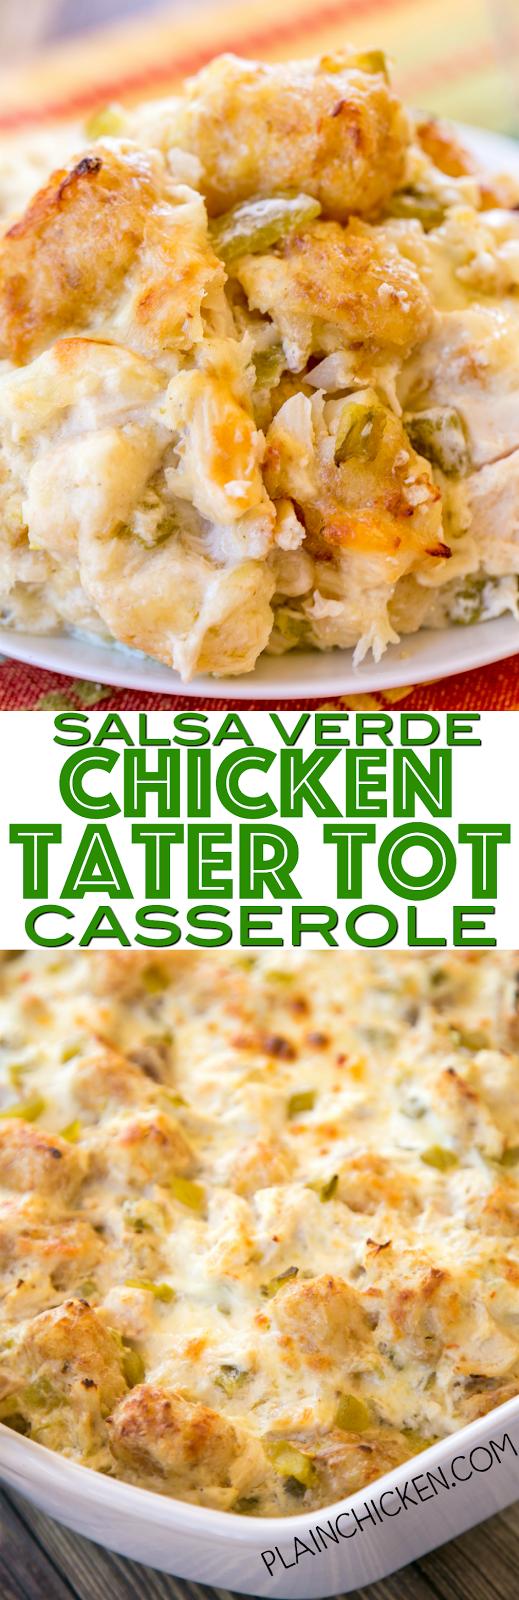 recipe: salsa verde chicken casserole [22]